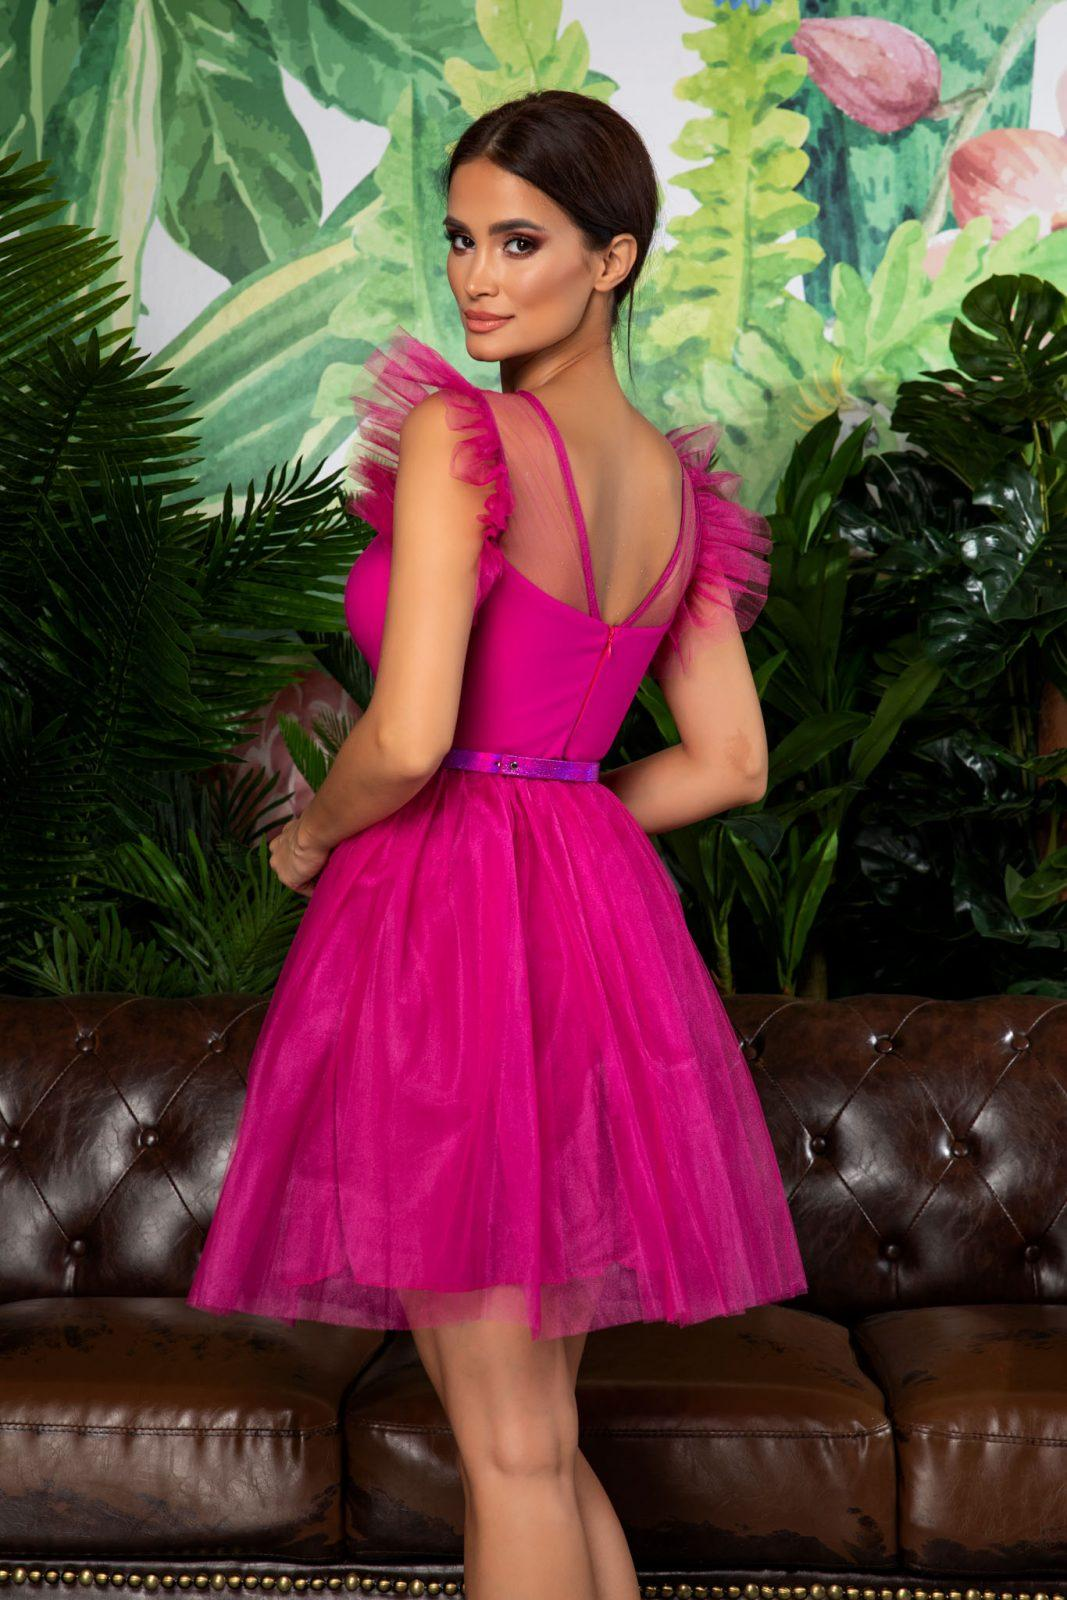 Φούξια Βραδινό Φόρεμα Με Ζώνη Pandora 7865